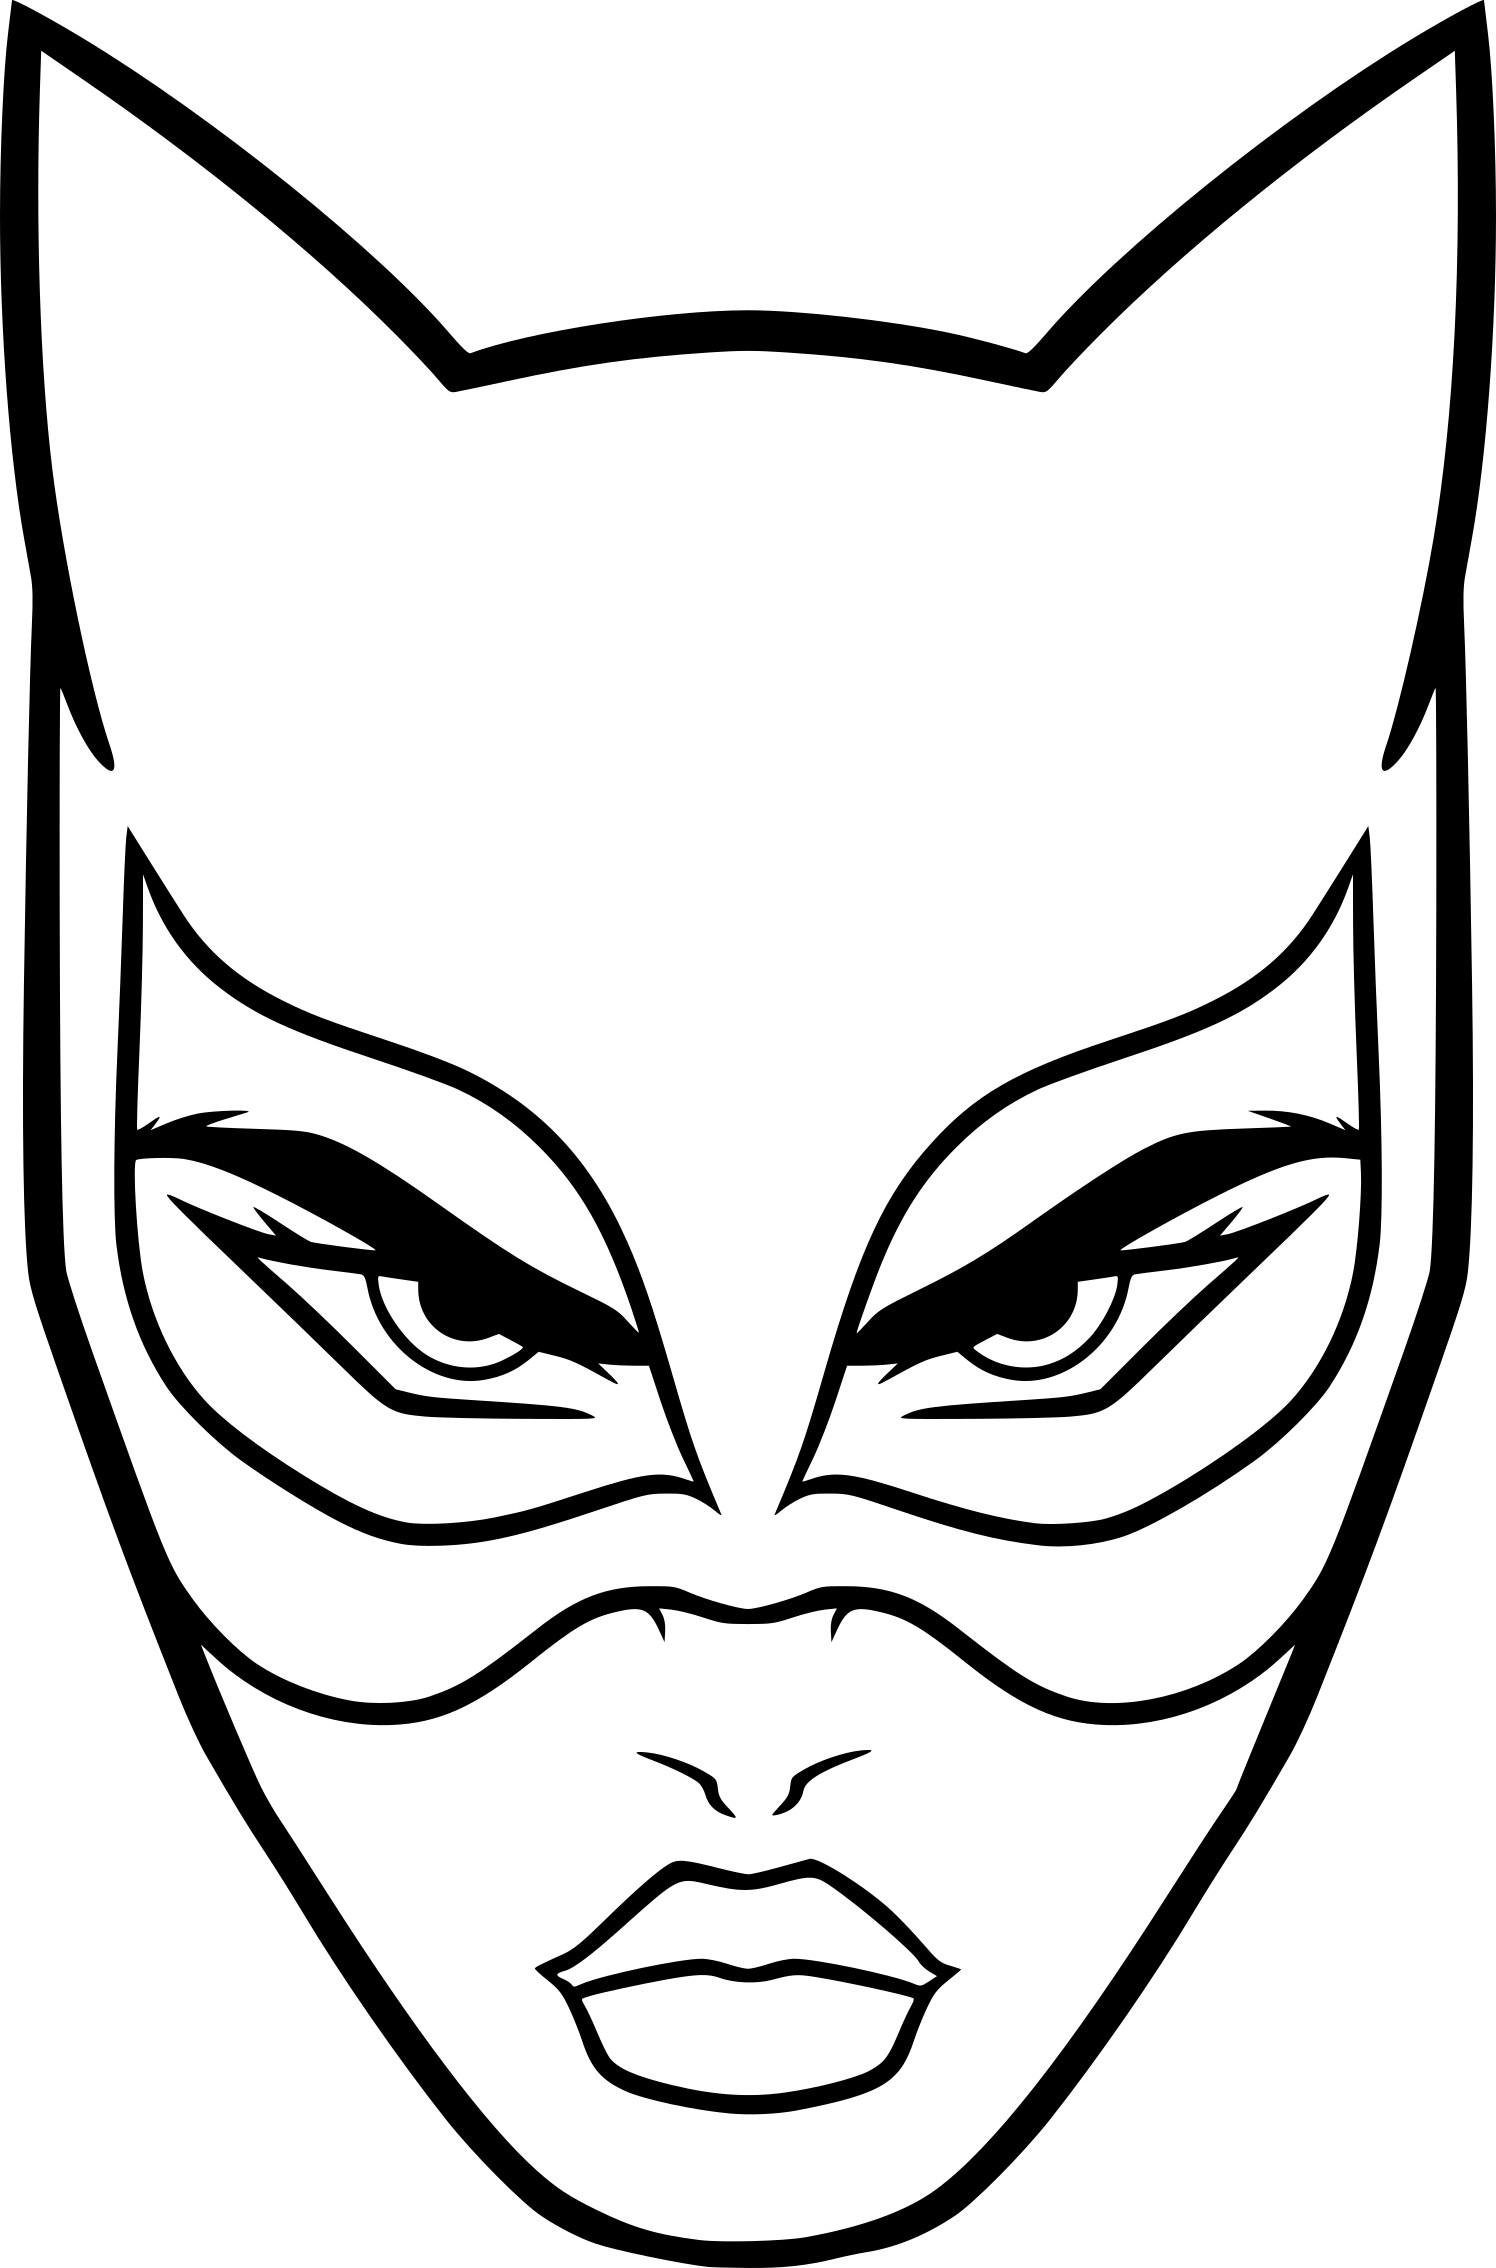 Coloriage Masque Catwoman À Imprimer Sur Coloriages avec Masque De Catwoman A Imprimer